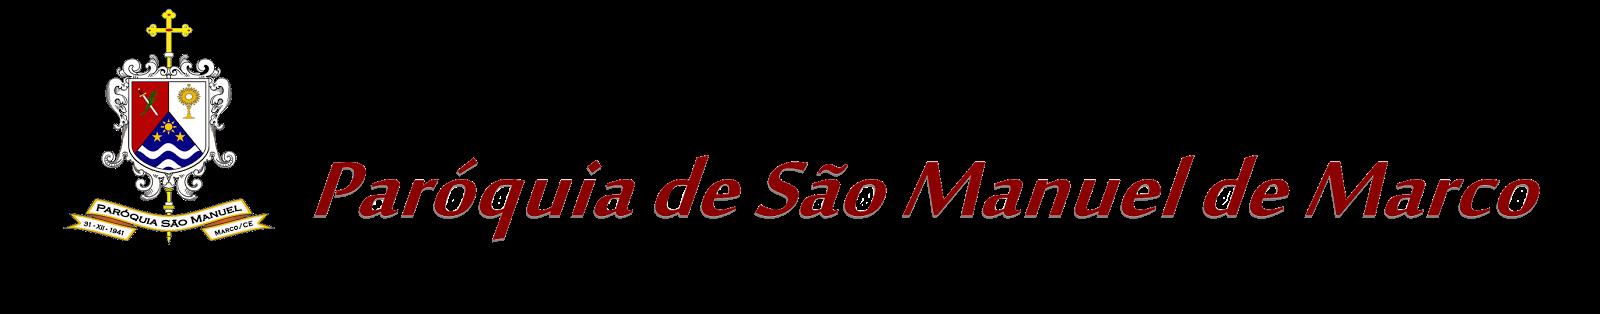 Paróquia de São Manuel do Marco